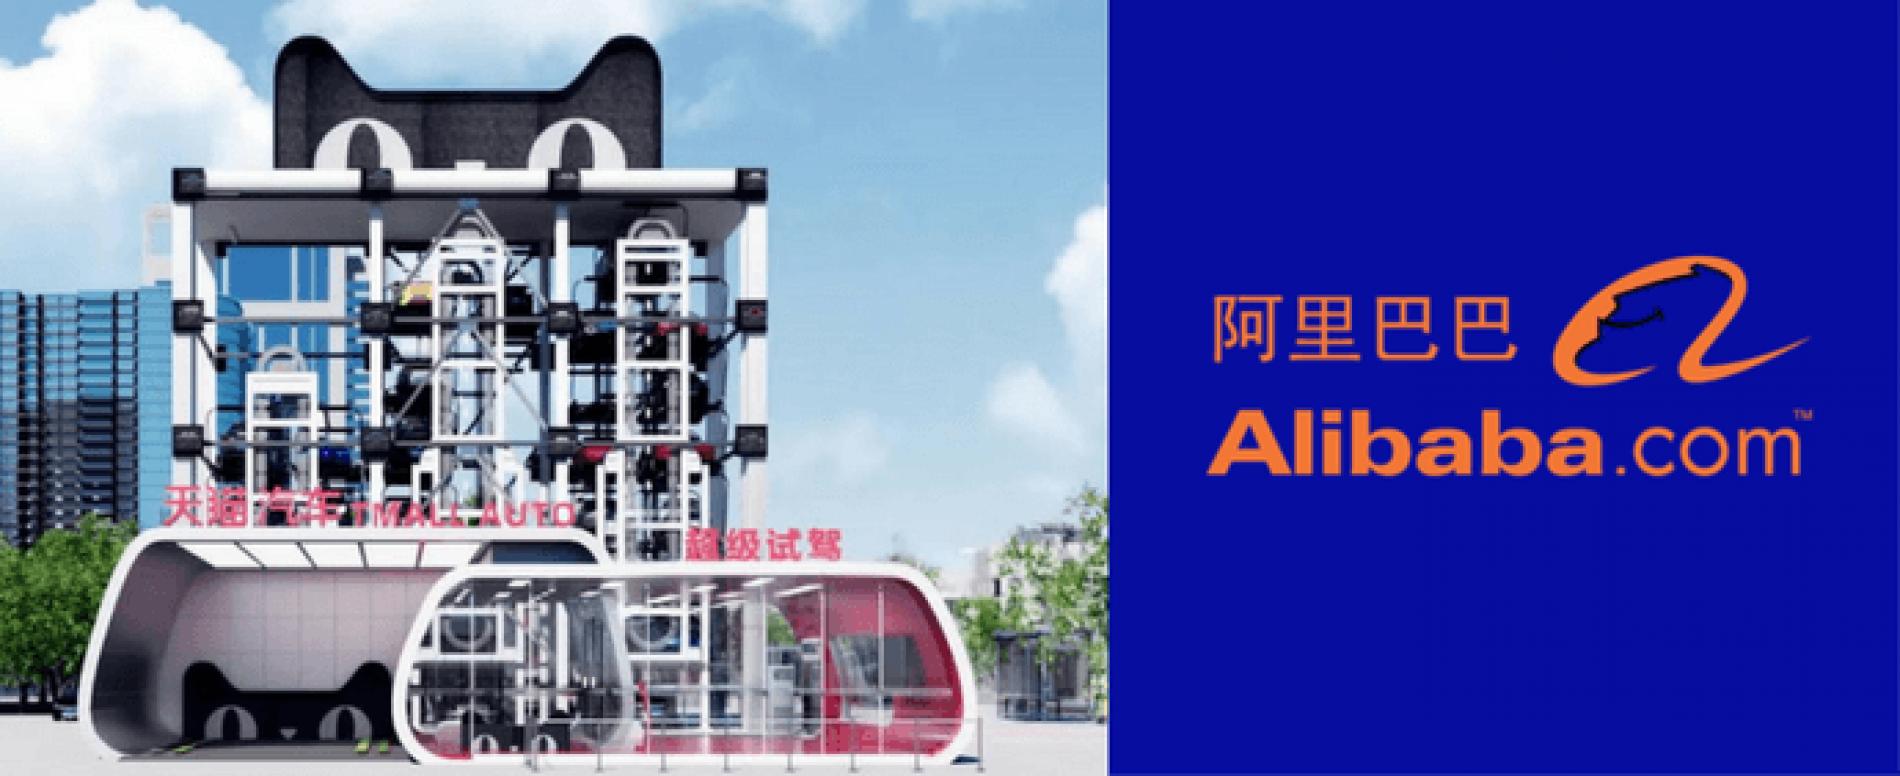 Con Alibaba richiedi il test drive al distributore automatico